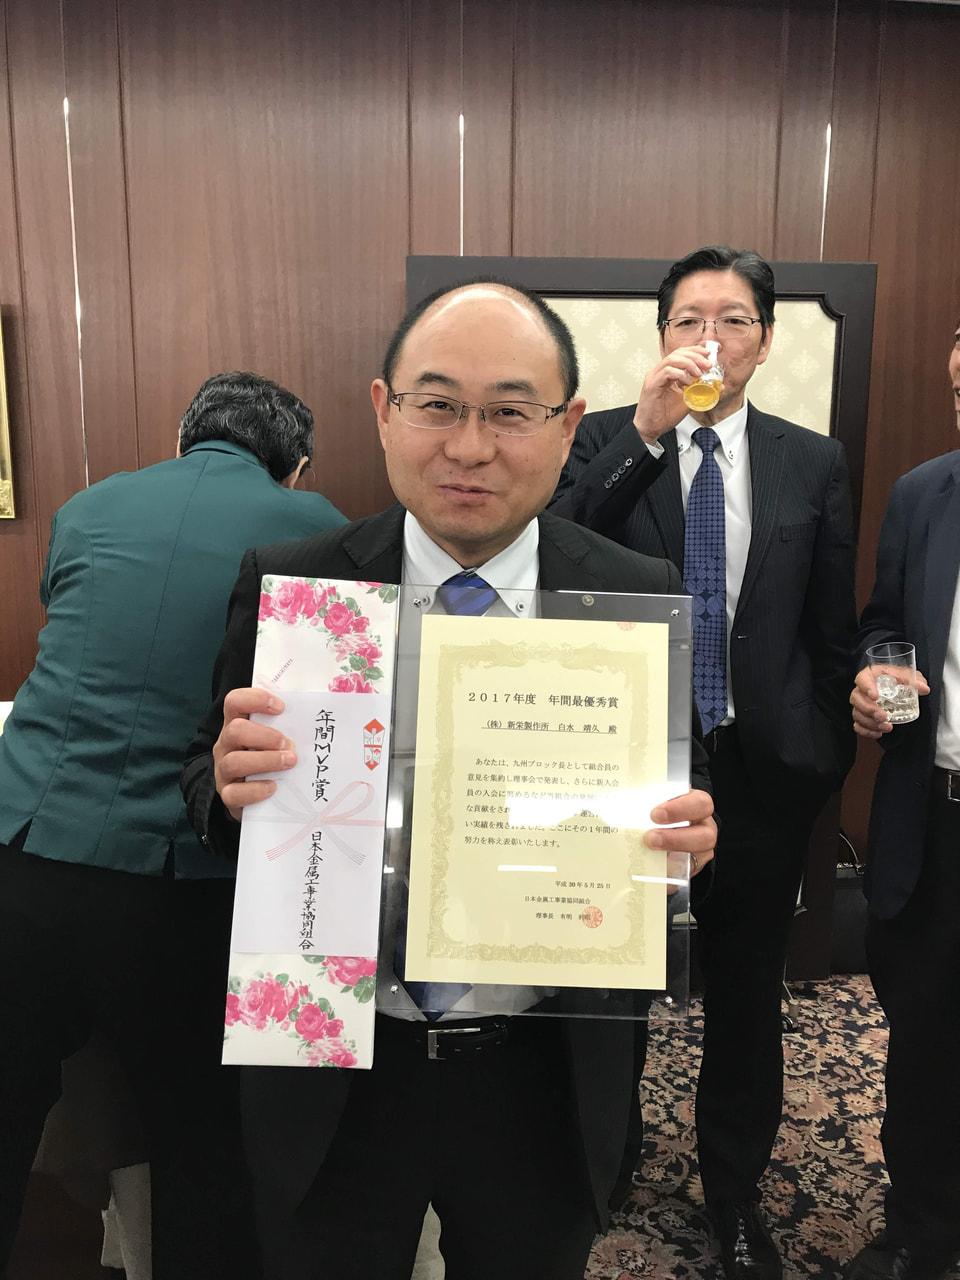 九州・沖縄ブロック長 ㈱新栄製作所 白水代表取締役